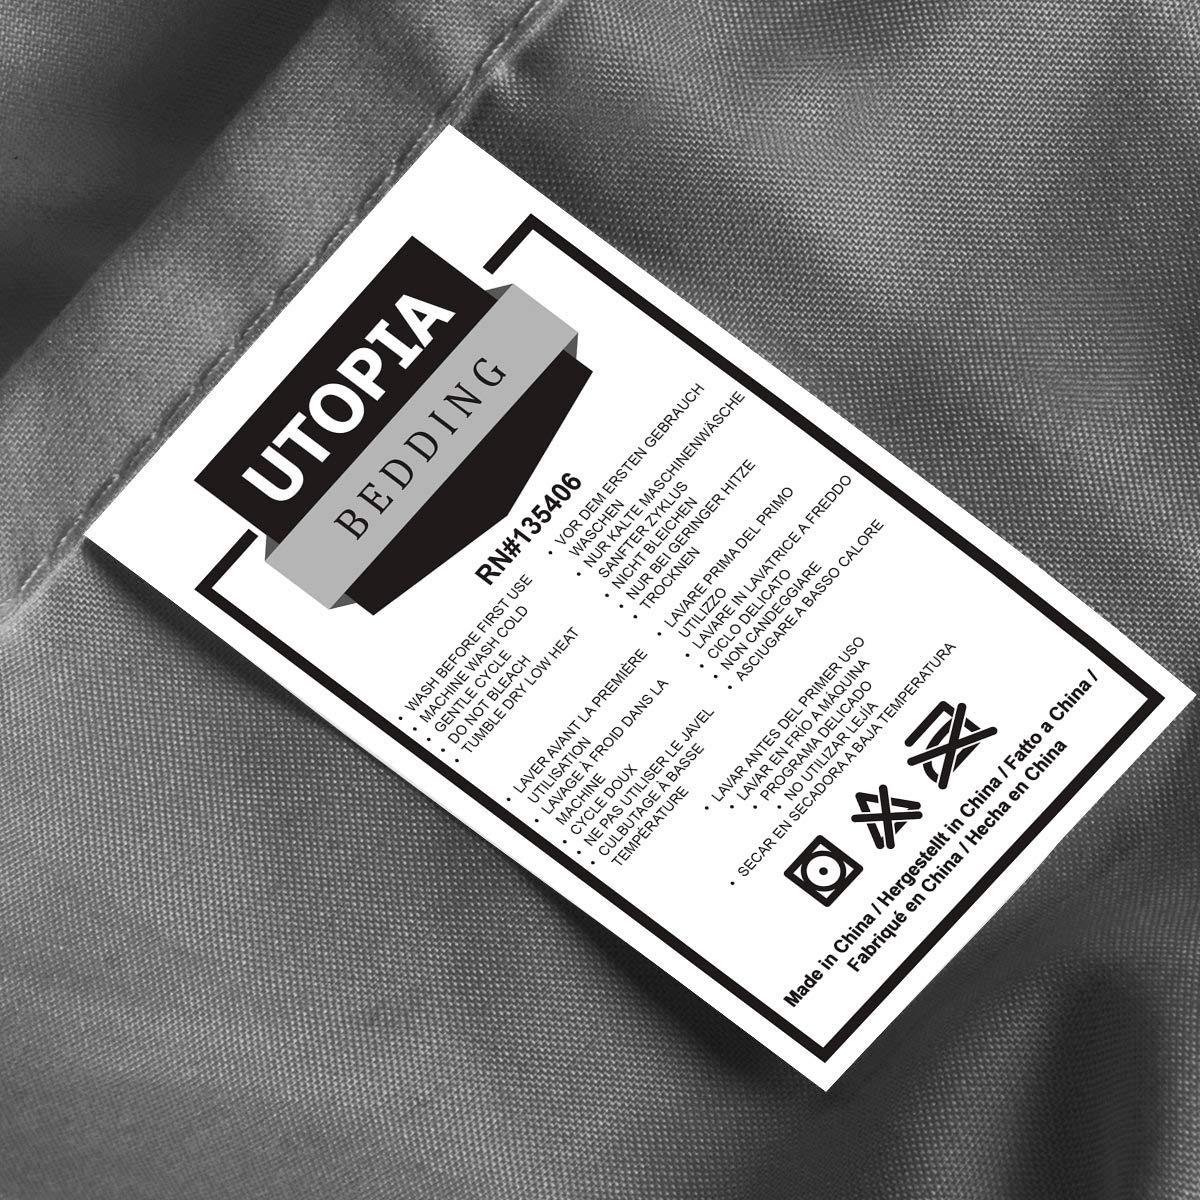 74fc7289c8 Utopia Bedding – Set Lenzuola Letto – Spazzolata Microfibra – (Grigio, Una  Piazza e Mezza). Ritorna alla pagina precedente. et-loader